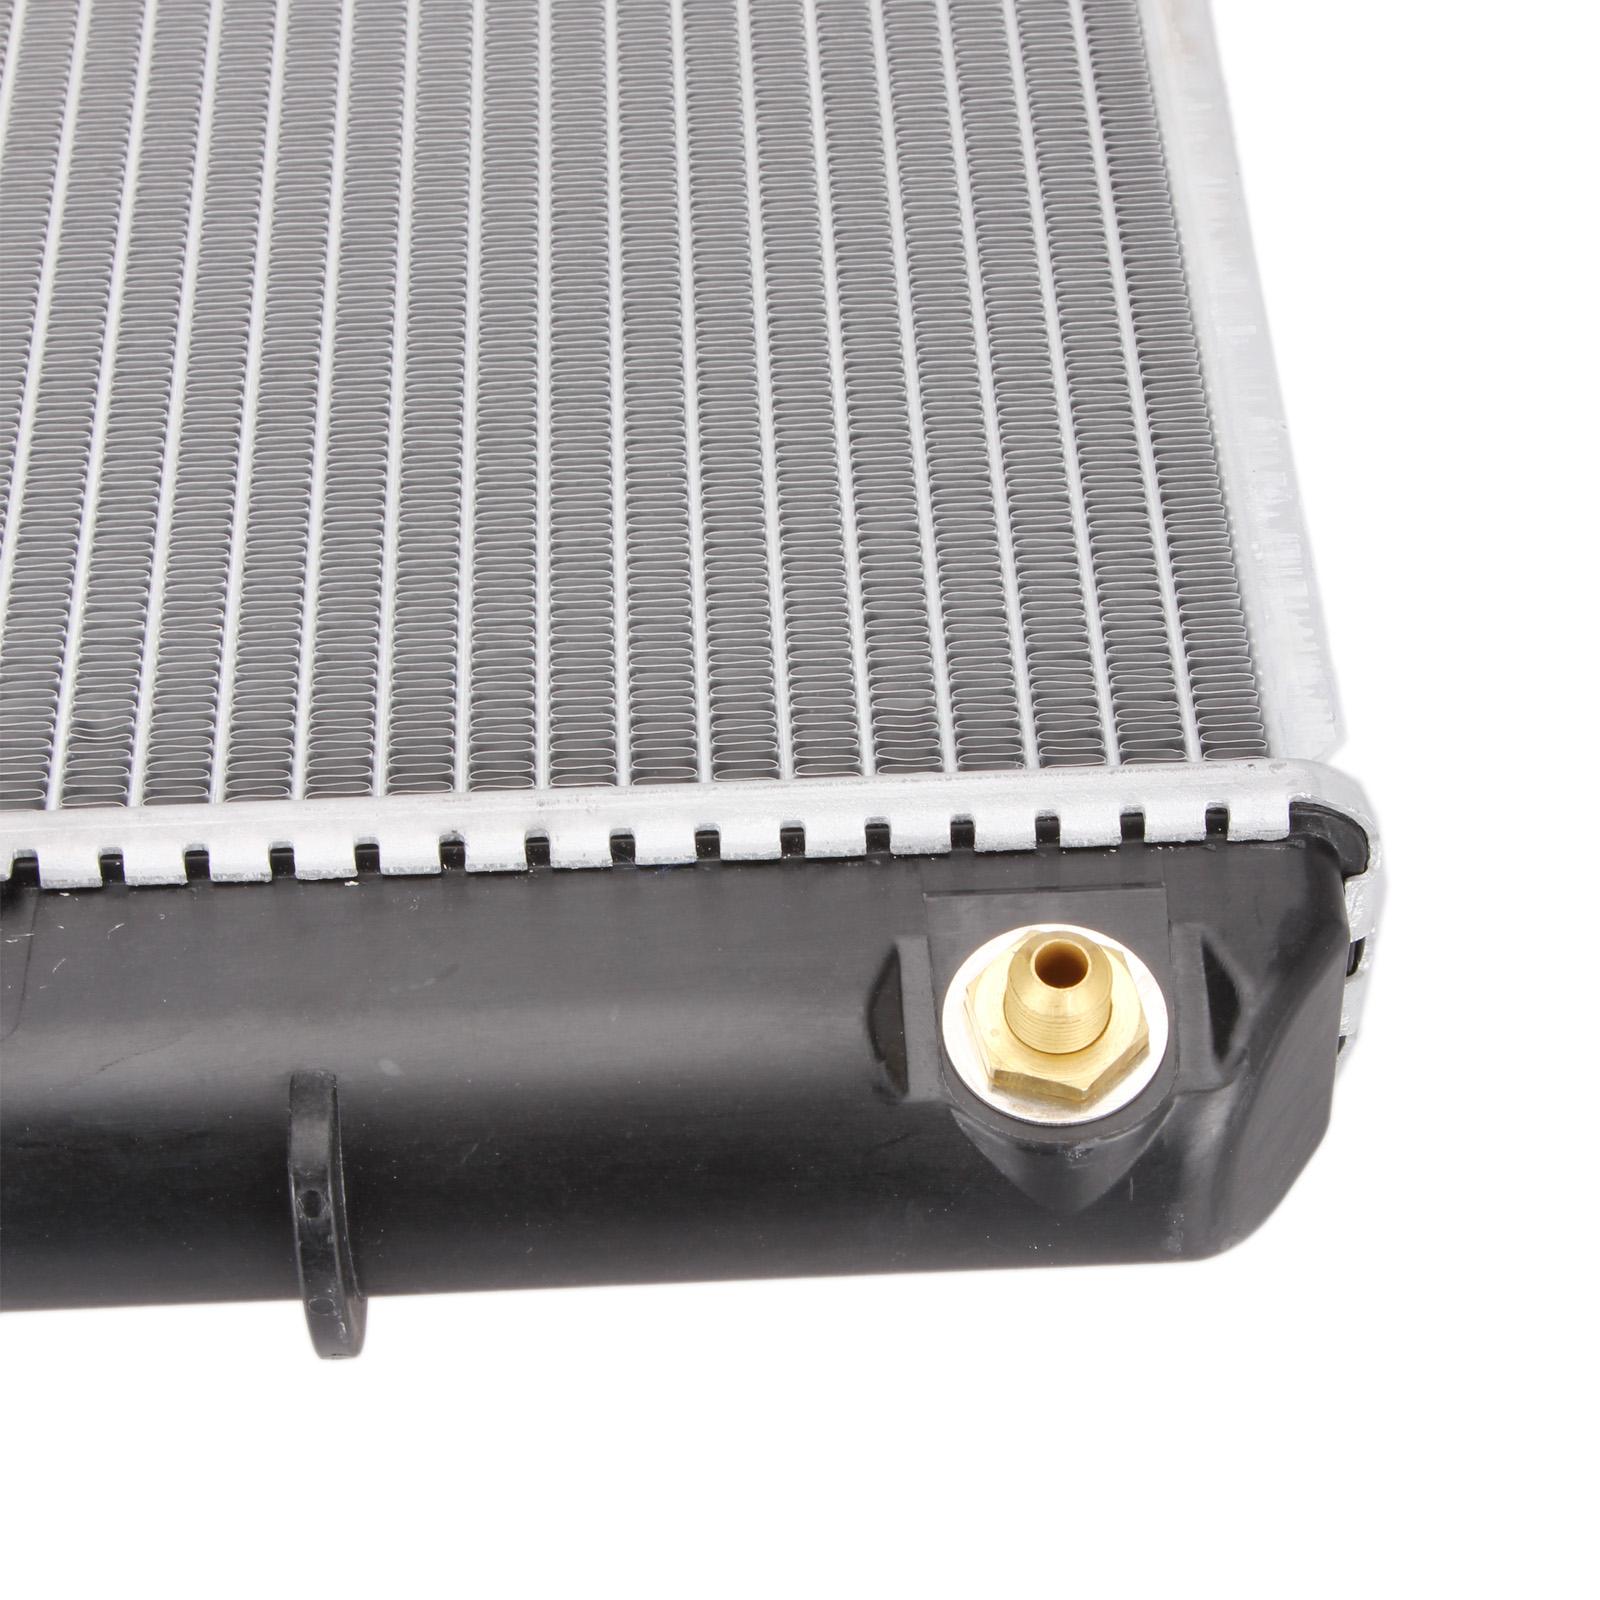 Radiator For Chevy Sprint Geo Metro Pontiac Firefly Suzuki Swift 1 0 1 3 L4 At